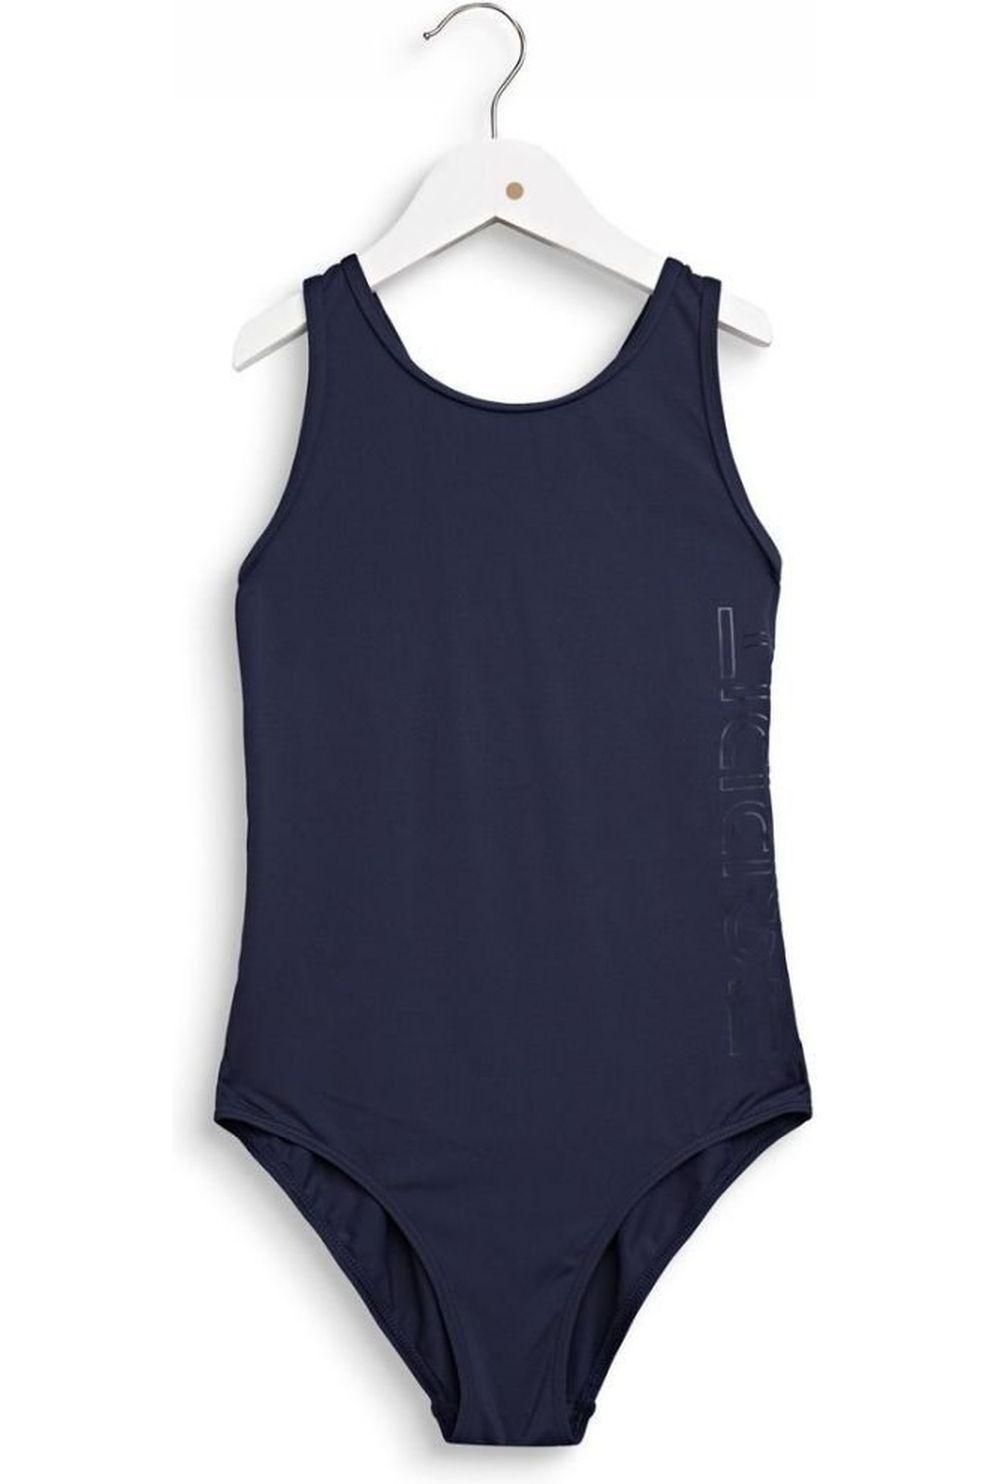 Esprit Badpak Basic Yg Noos voor meisjes - Blauw - Maat: 128